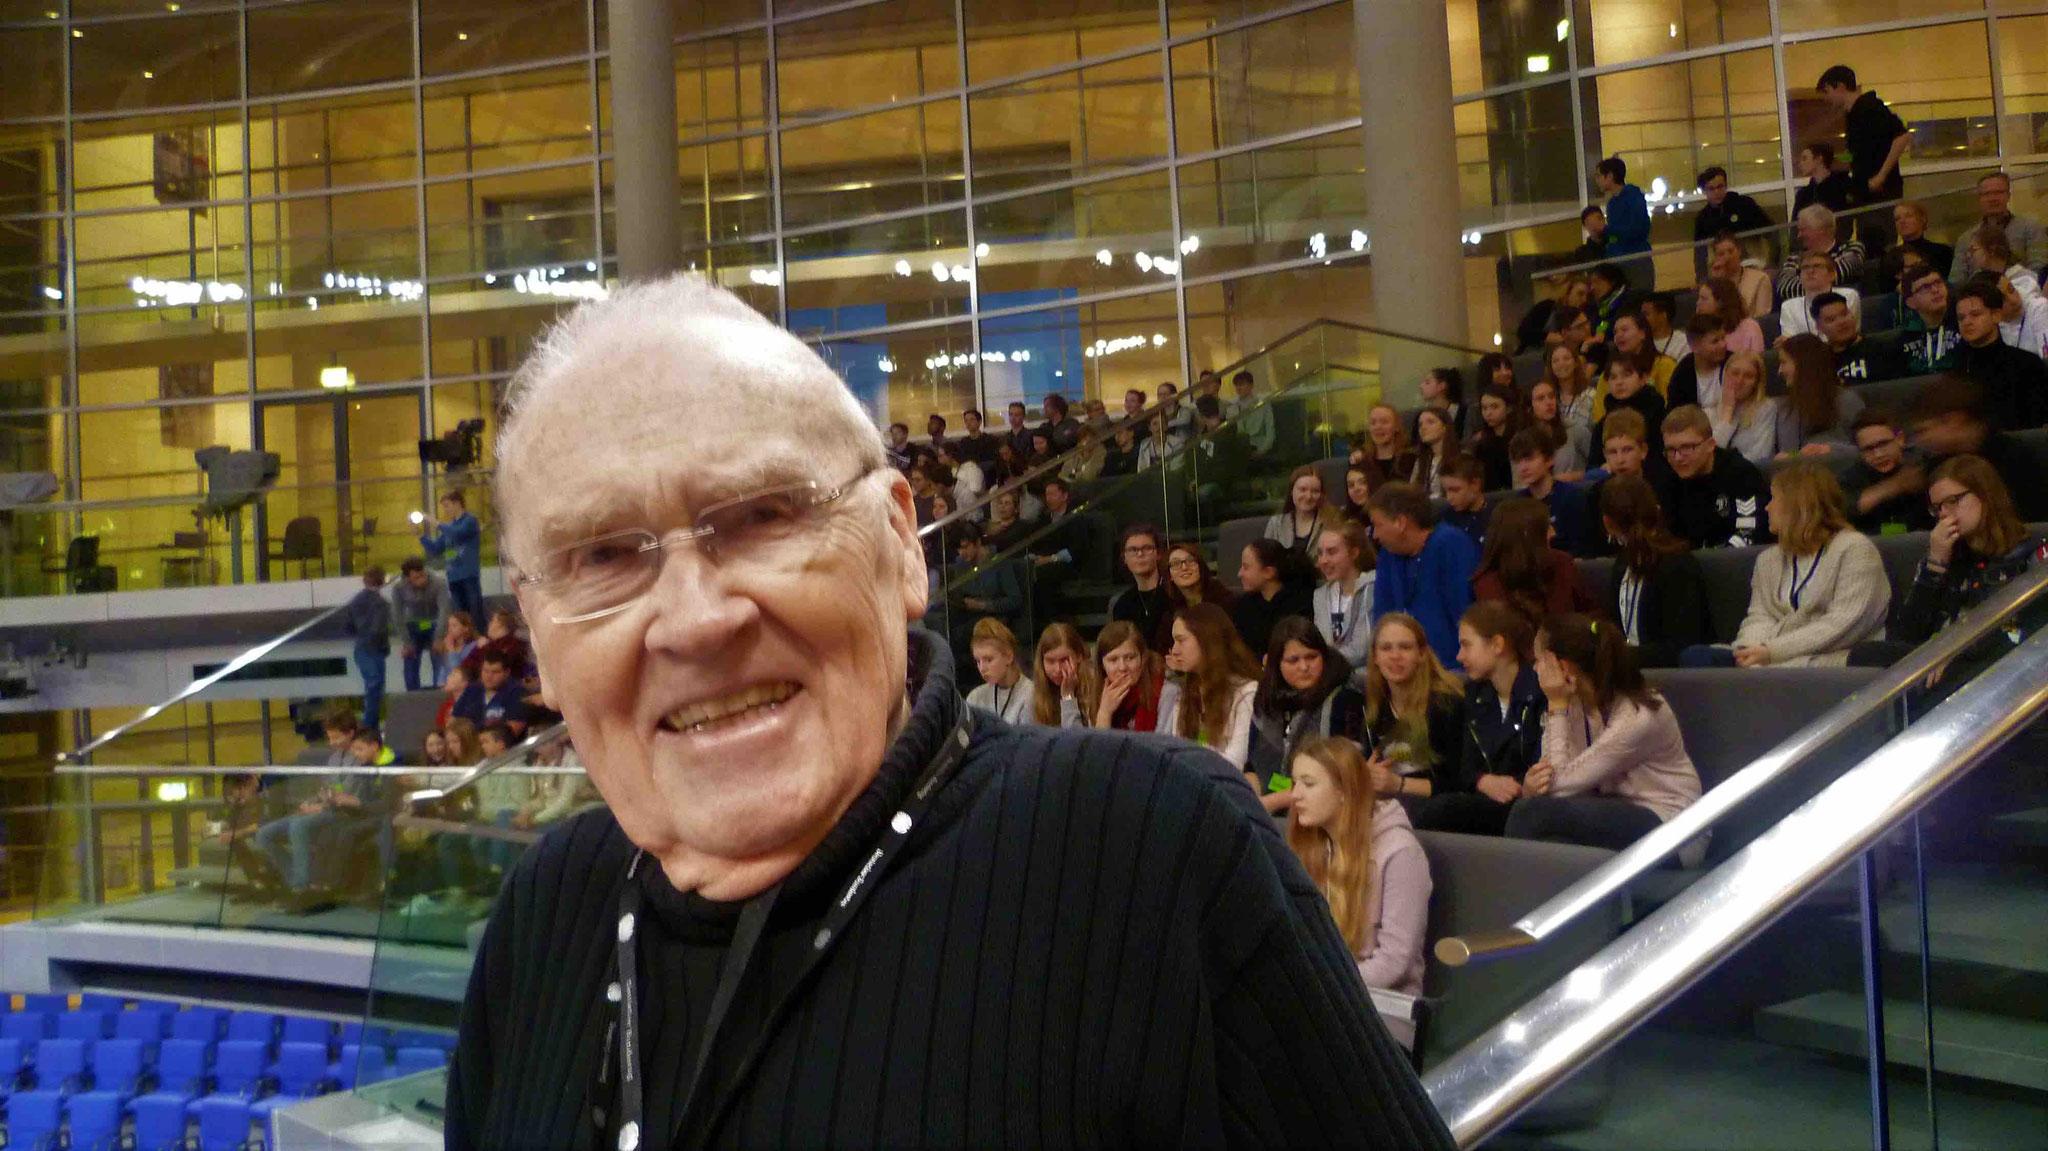 Günter auf dem Balkon des Plenarsaales